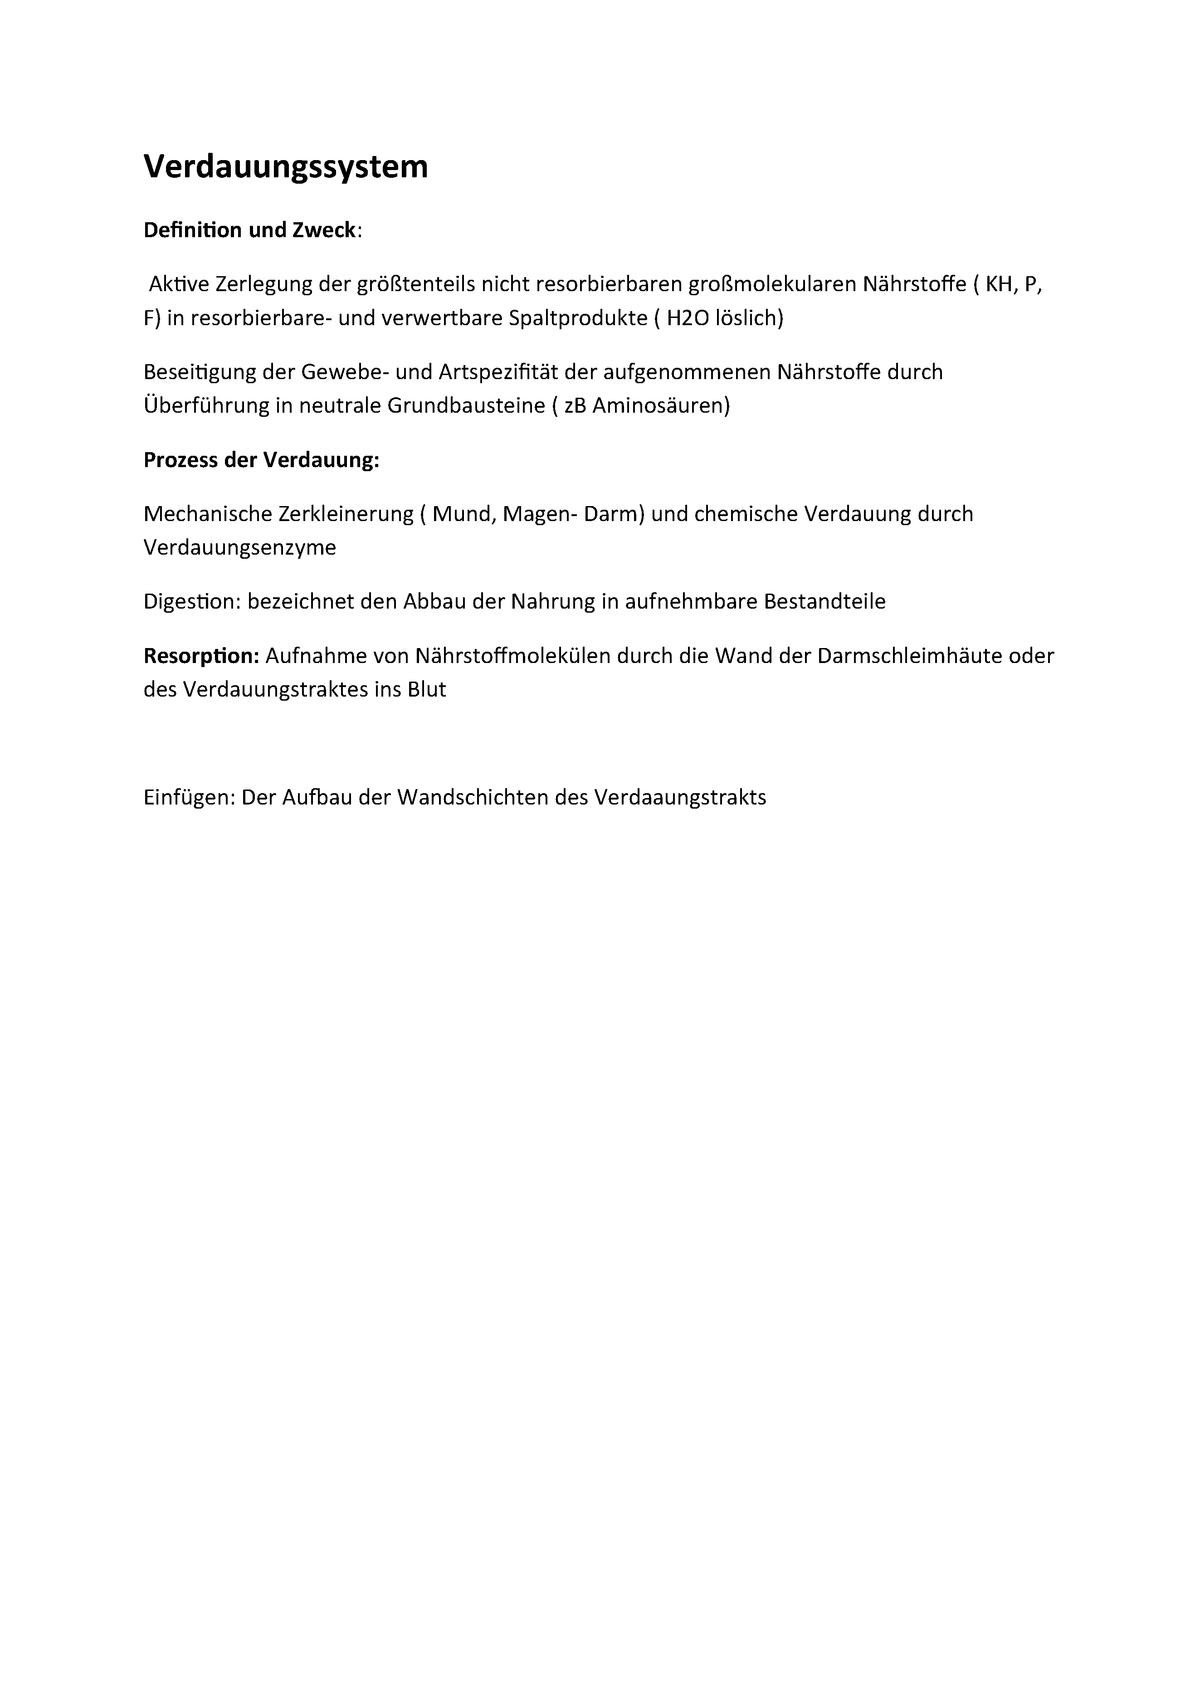 Verdauungssystem - Zusammenfassung der Veranstaltung - StuDocu